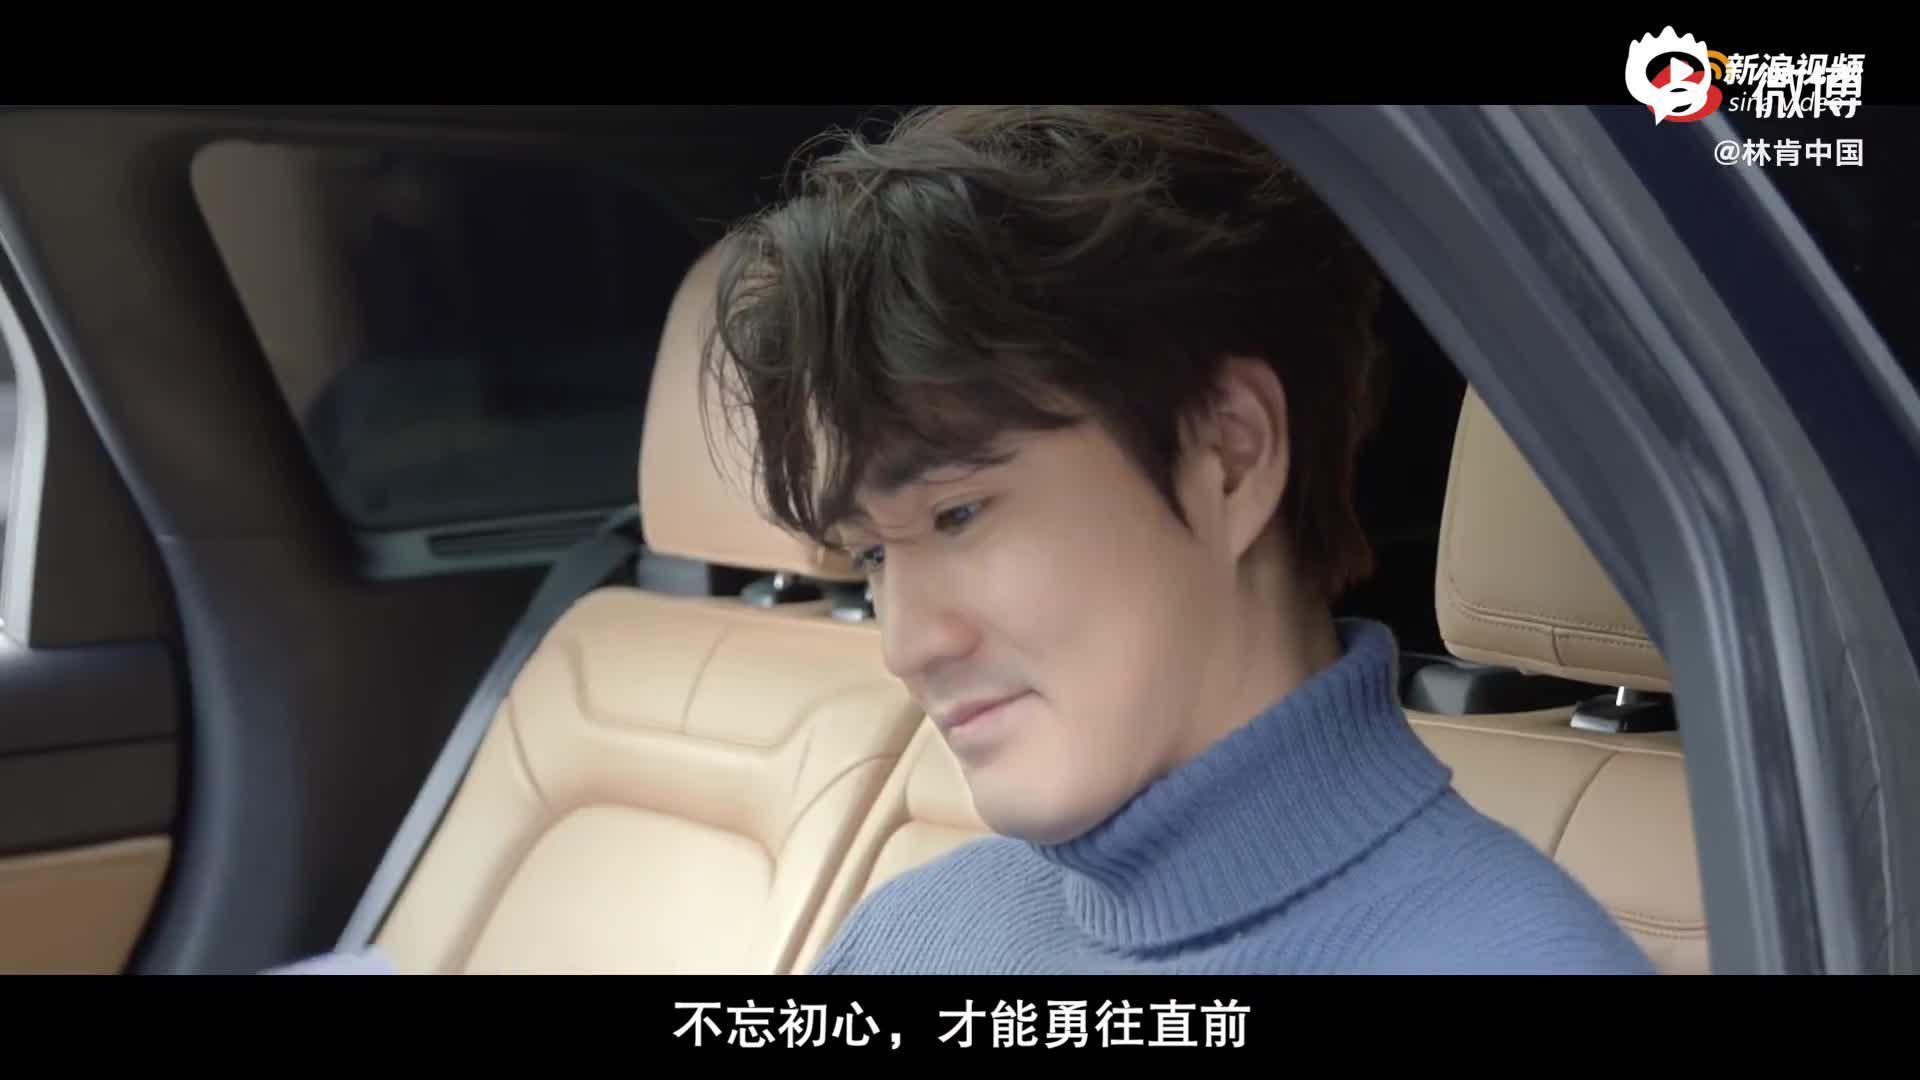 #全新林肯冒险家CORSAIR# 携知名演员杨玏拍摄广告大片